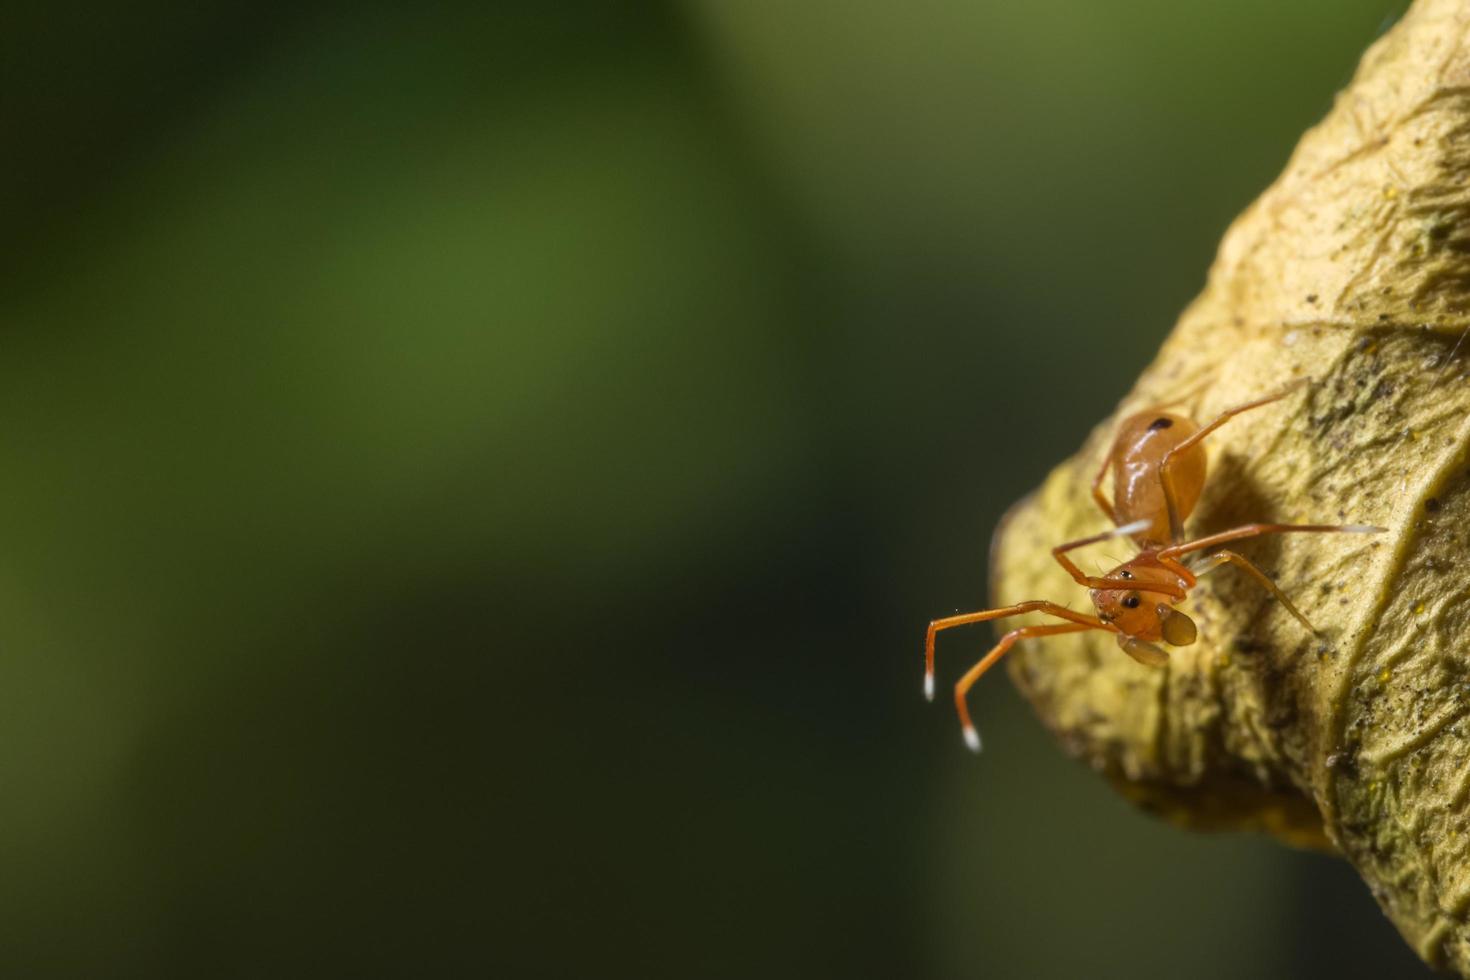 araignée sur une feuille, gros plan. photo